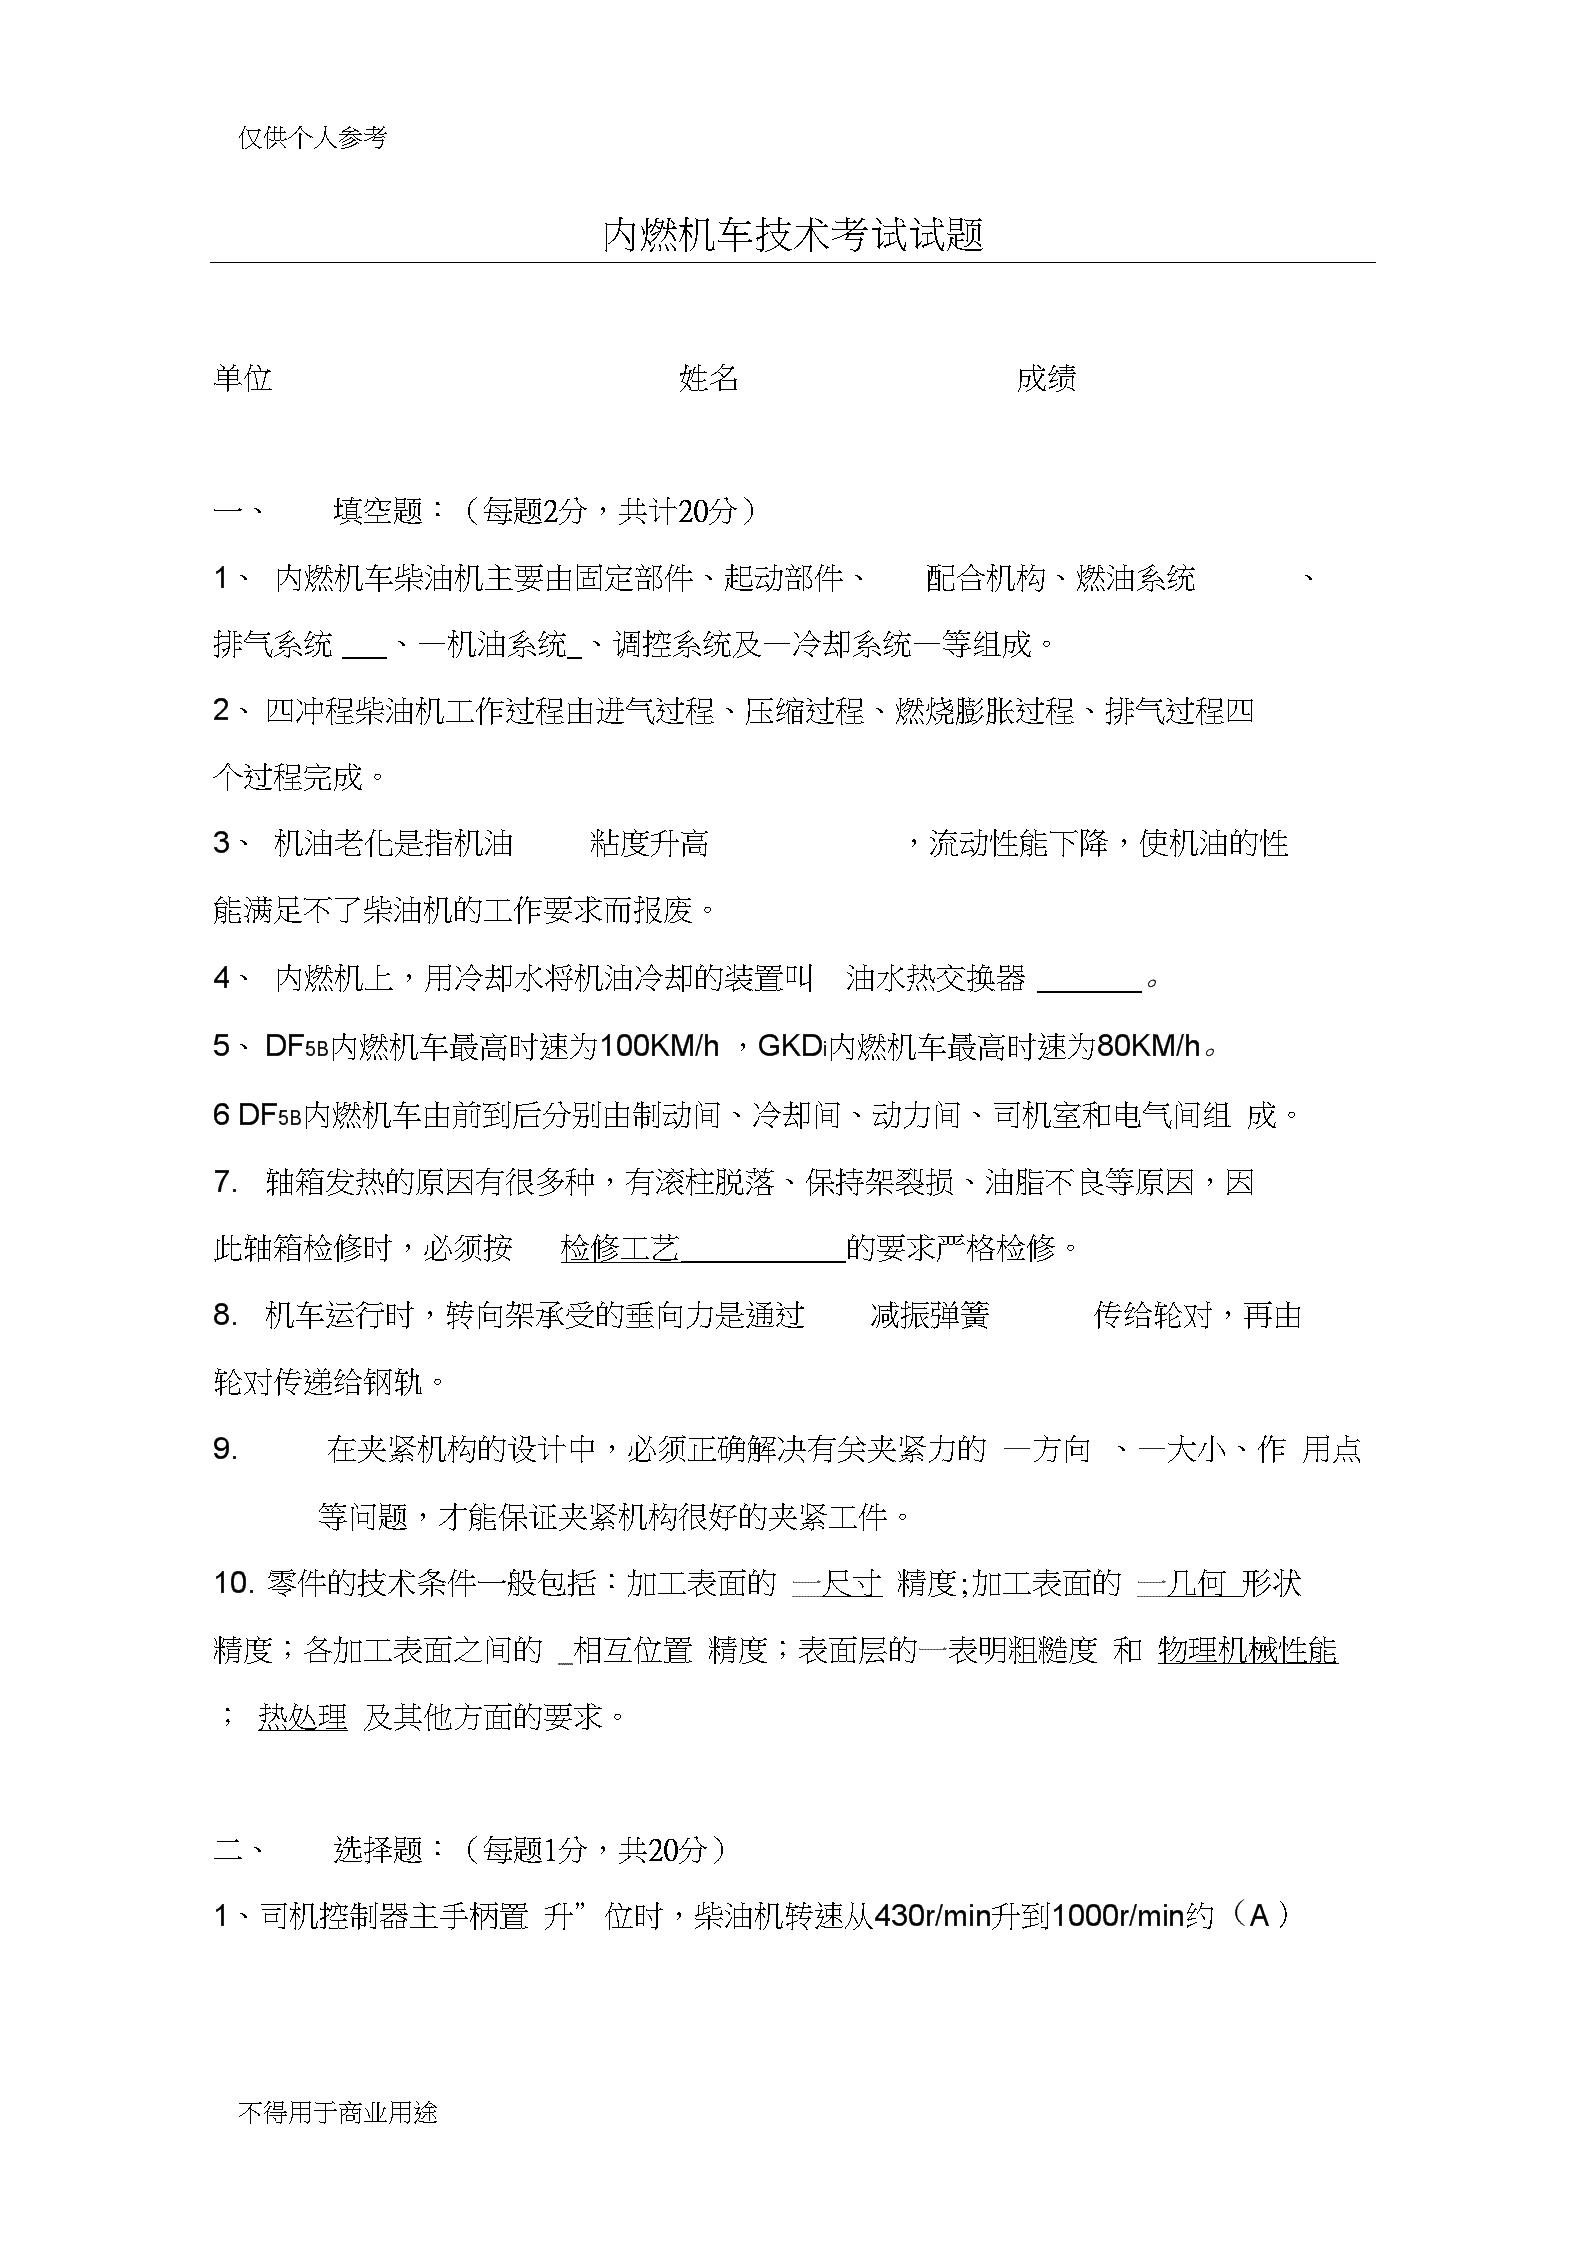 內燃機車技術考試試題2.docx